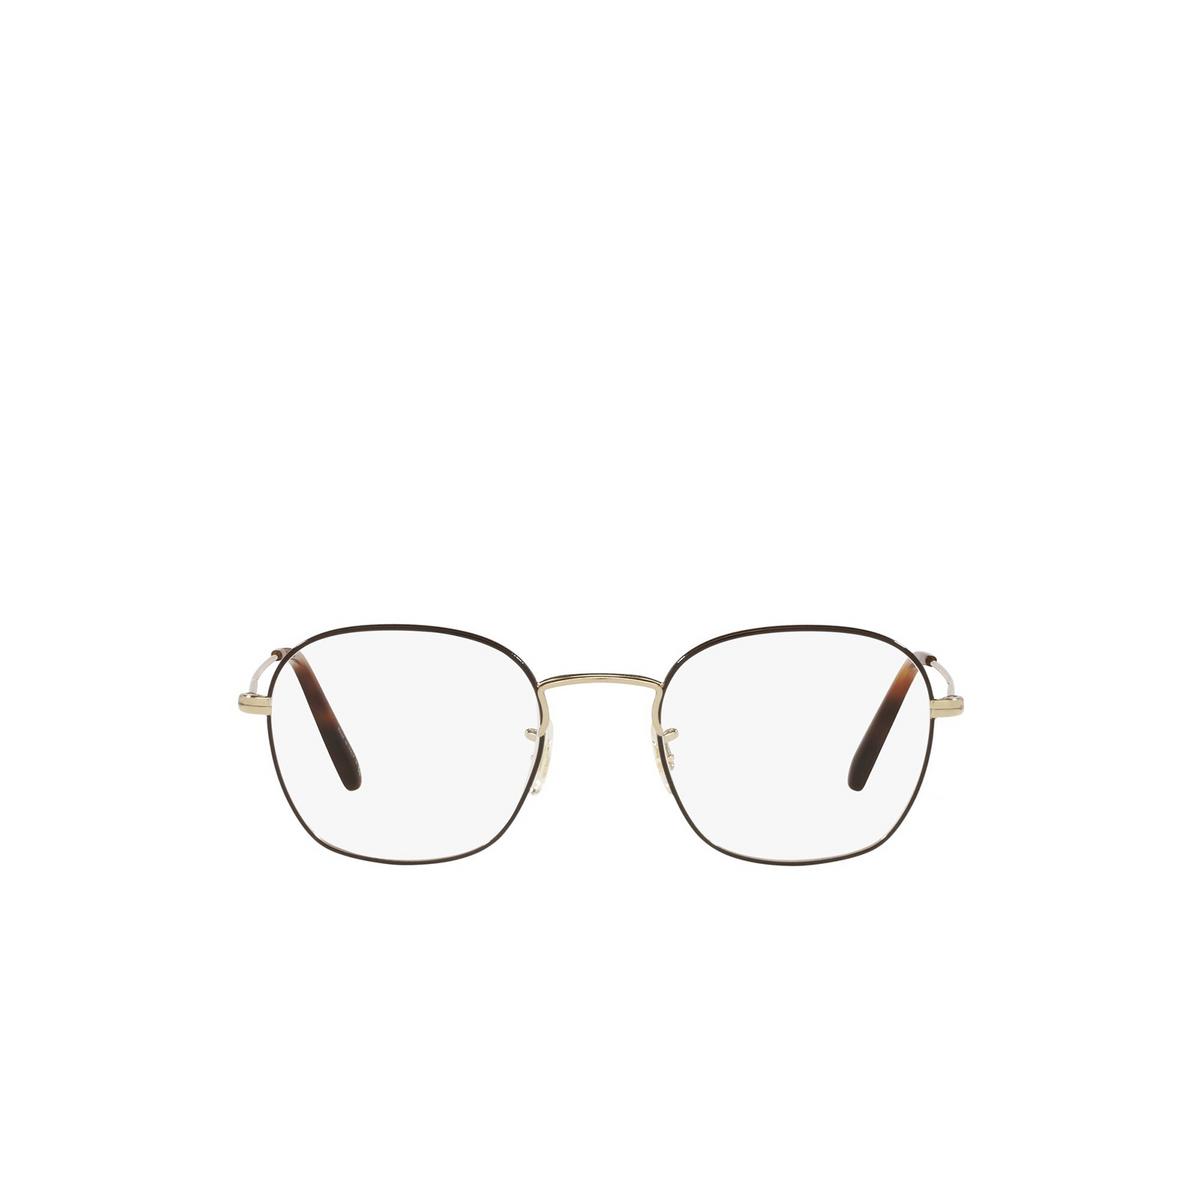 Oliver Peoples® Round Eyeglasses: Allinger OV1284 color Brushed Gold / Tortoise 5316 - front view.